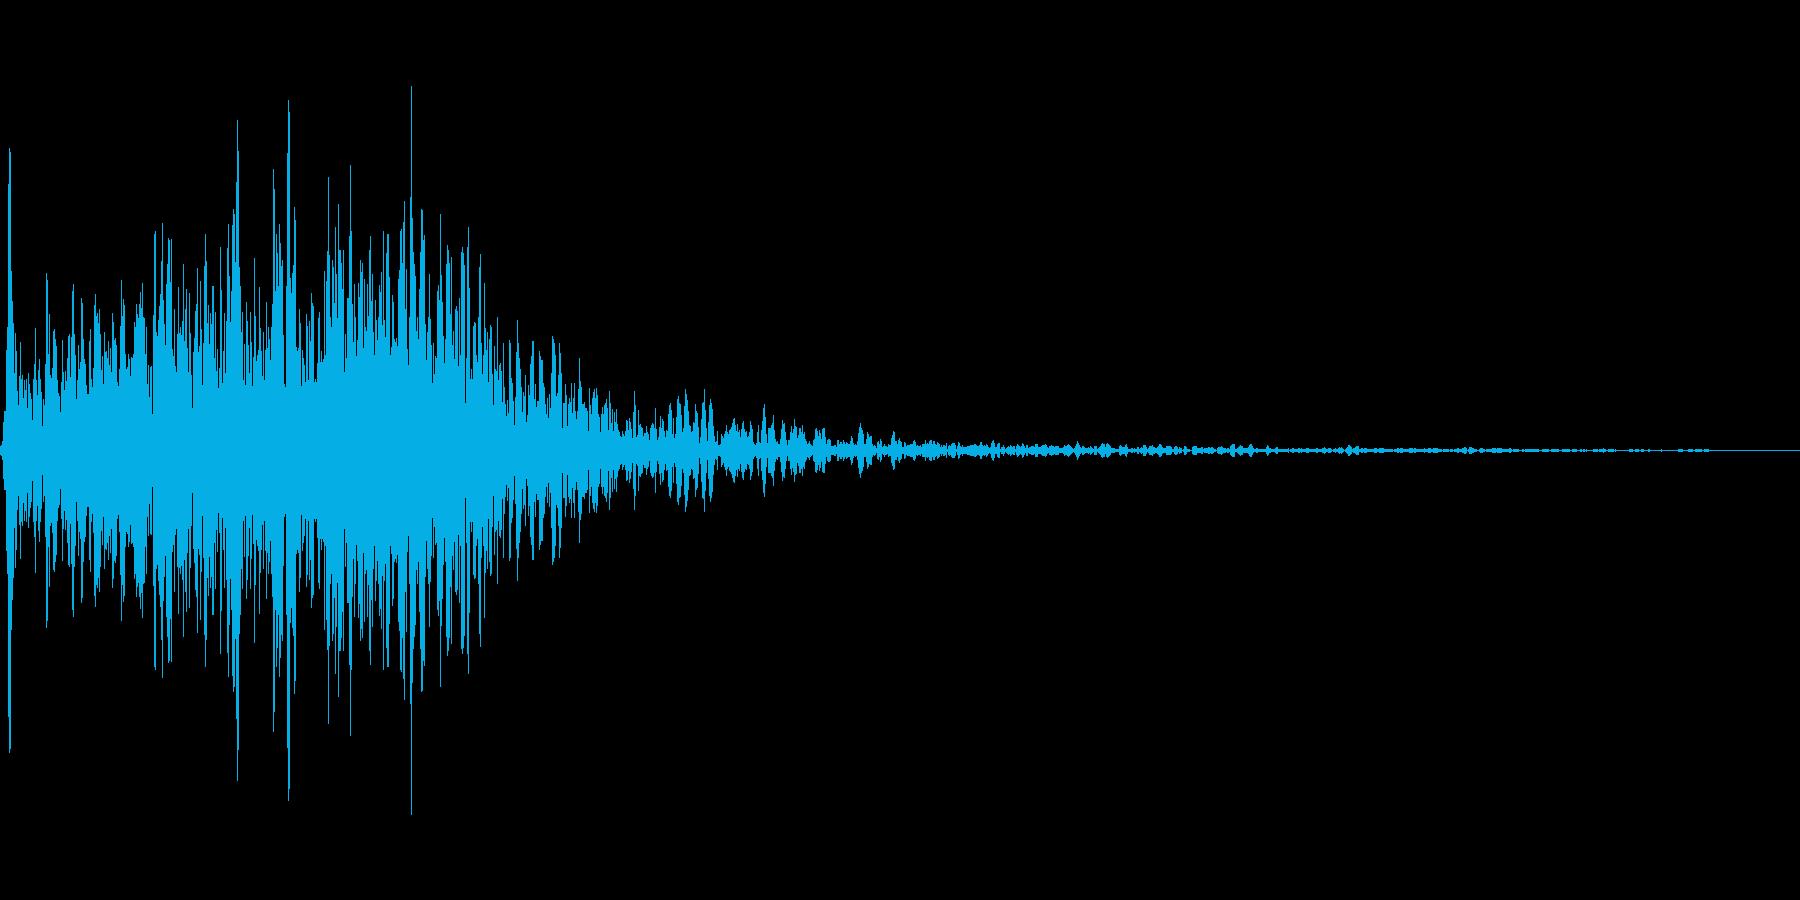 吹きすさぶ風・竜巻系の魔法(中レベル)mの再生済みの波形